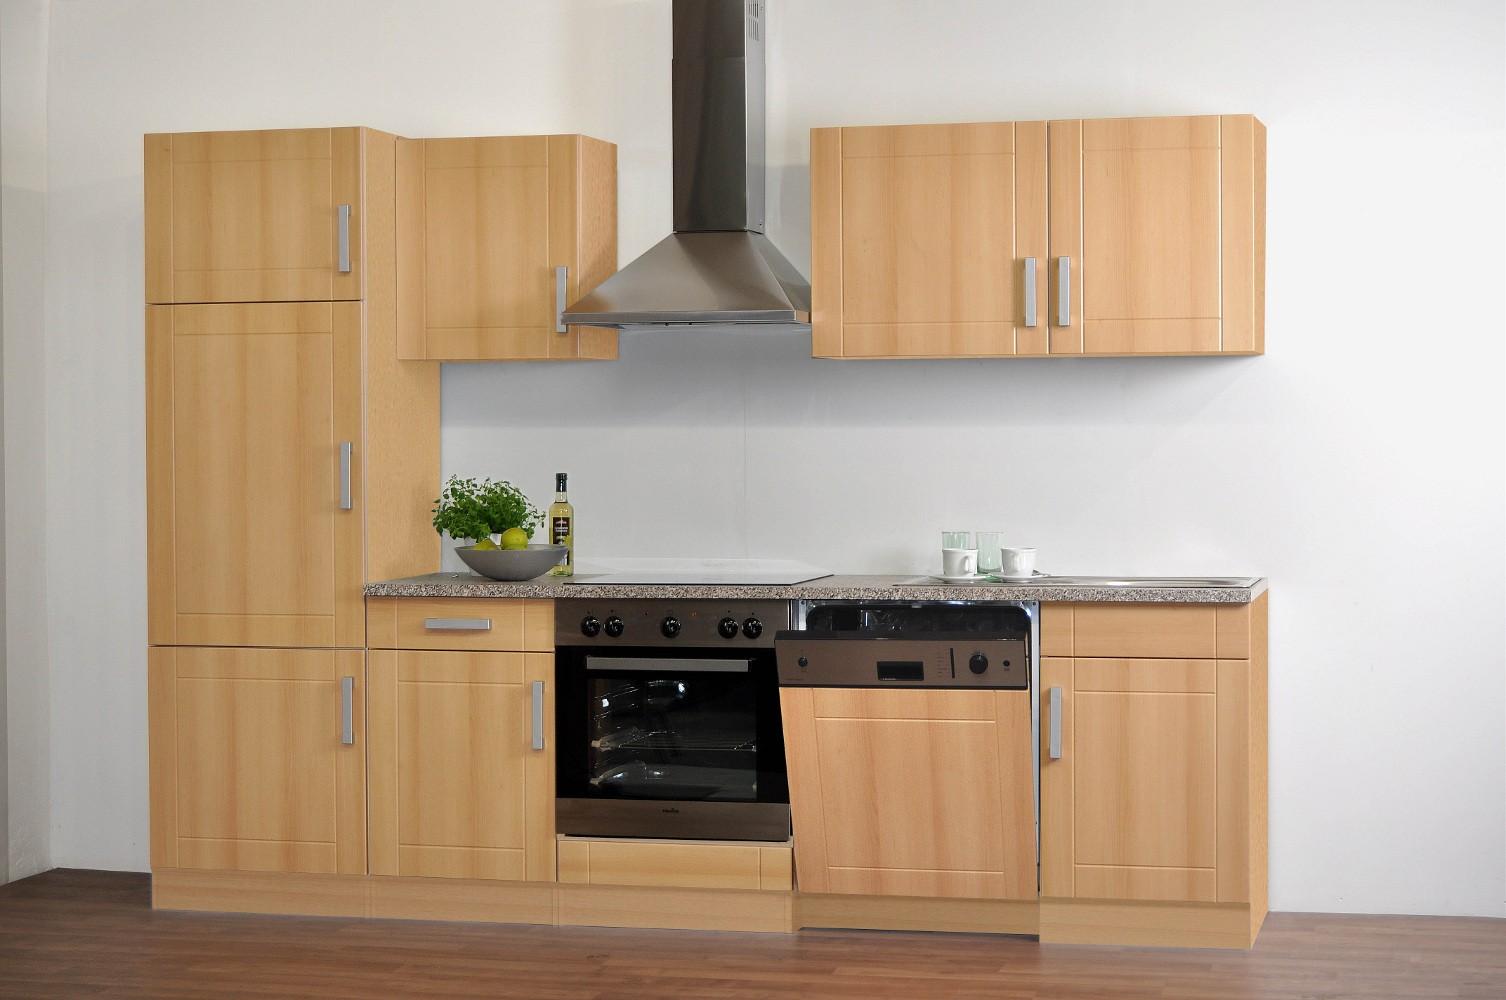 Küchen Unterschrank VAREL 2 türig 100 cm breit Buche